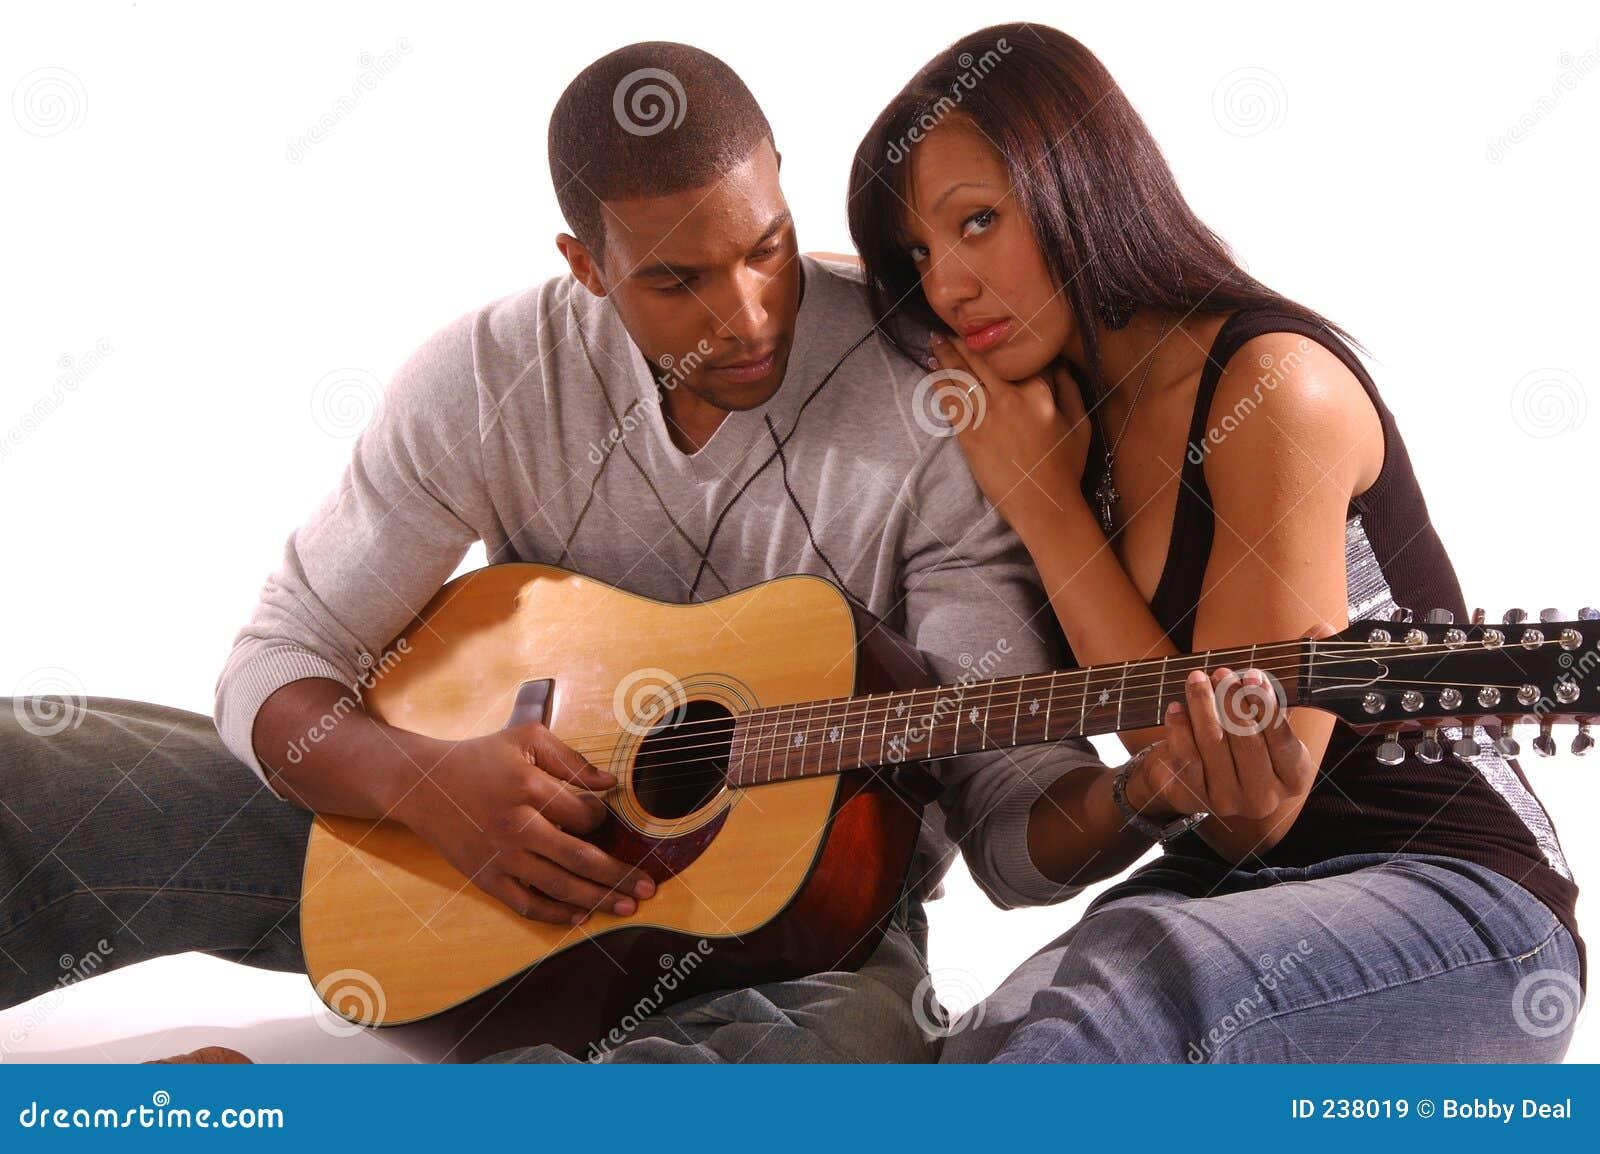 photos images romantic guitar couple